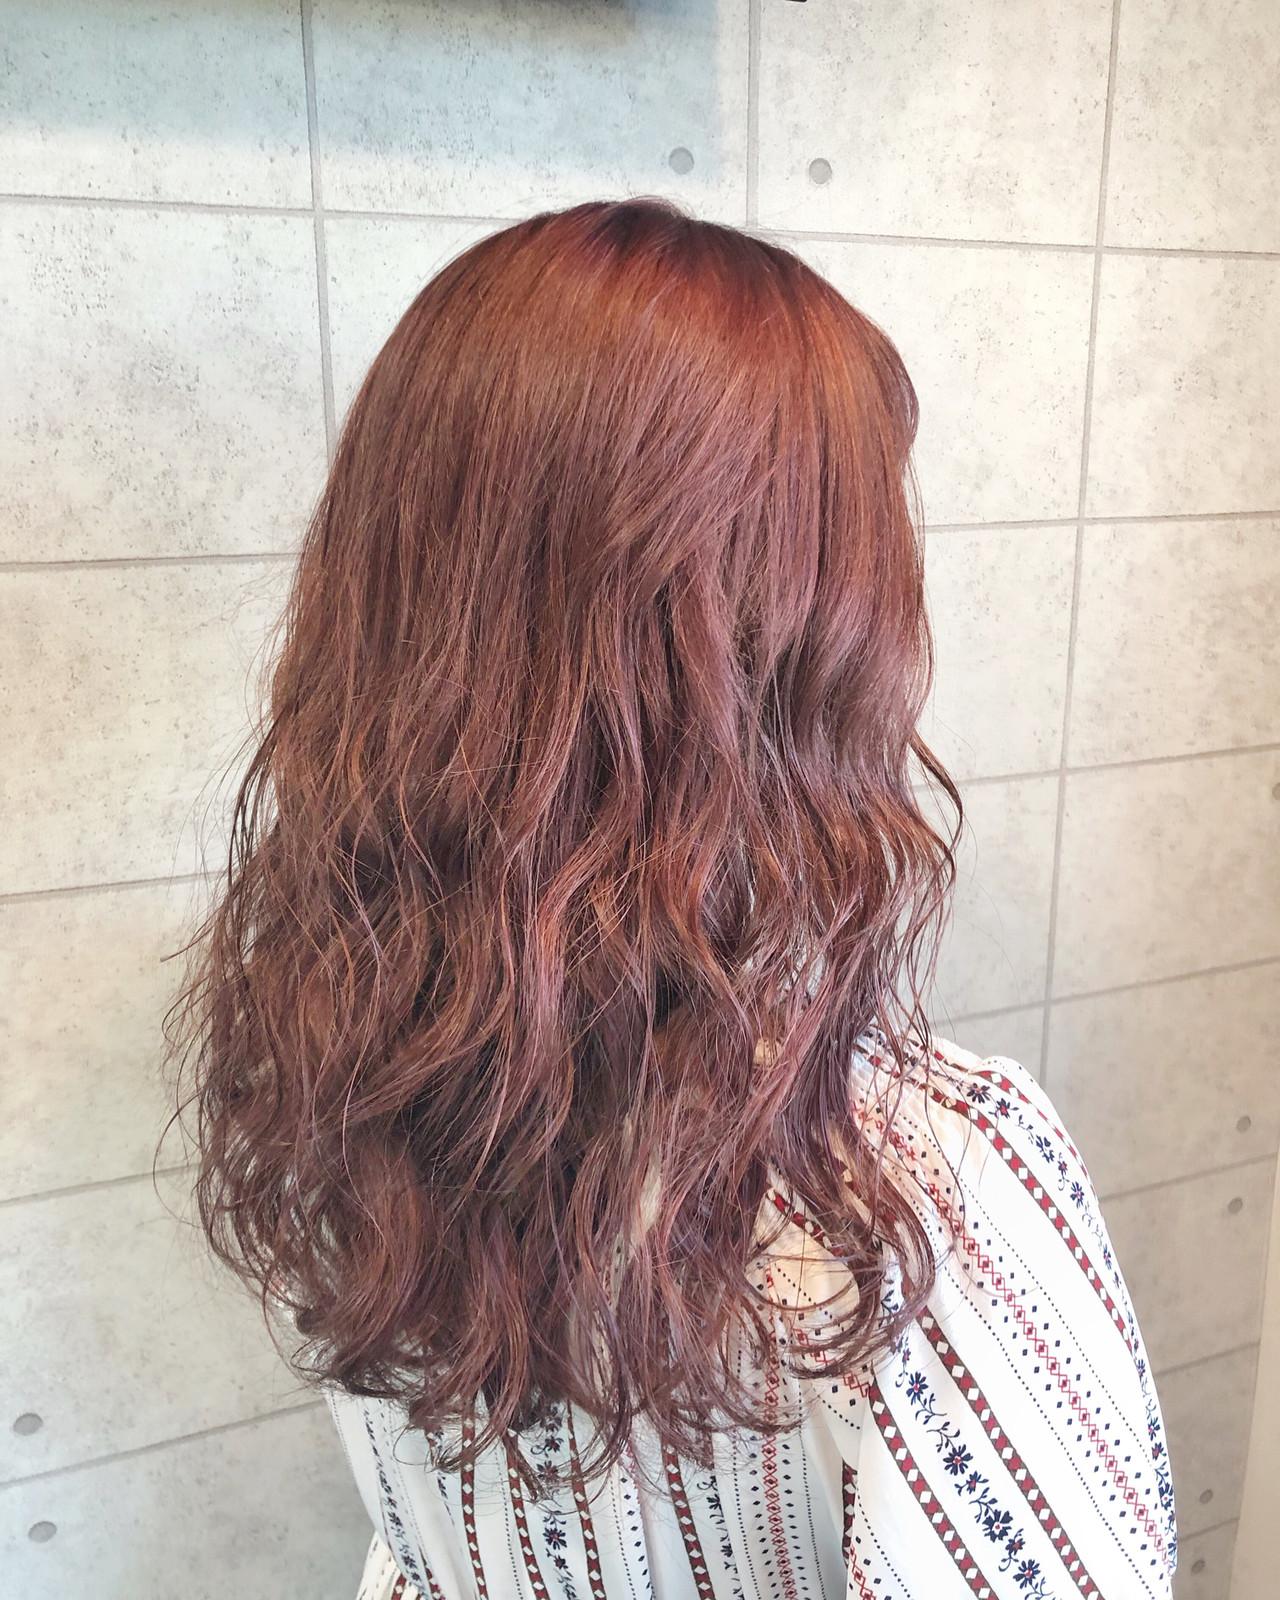 セミロング クリーミーカラー ラベンダーピンク ピンクラベンダー ヘアスタイルや髪型の写真・画像